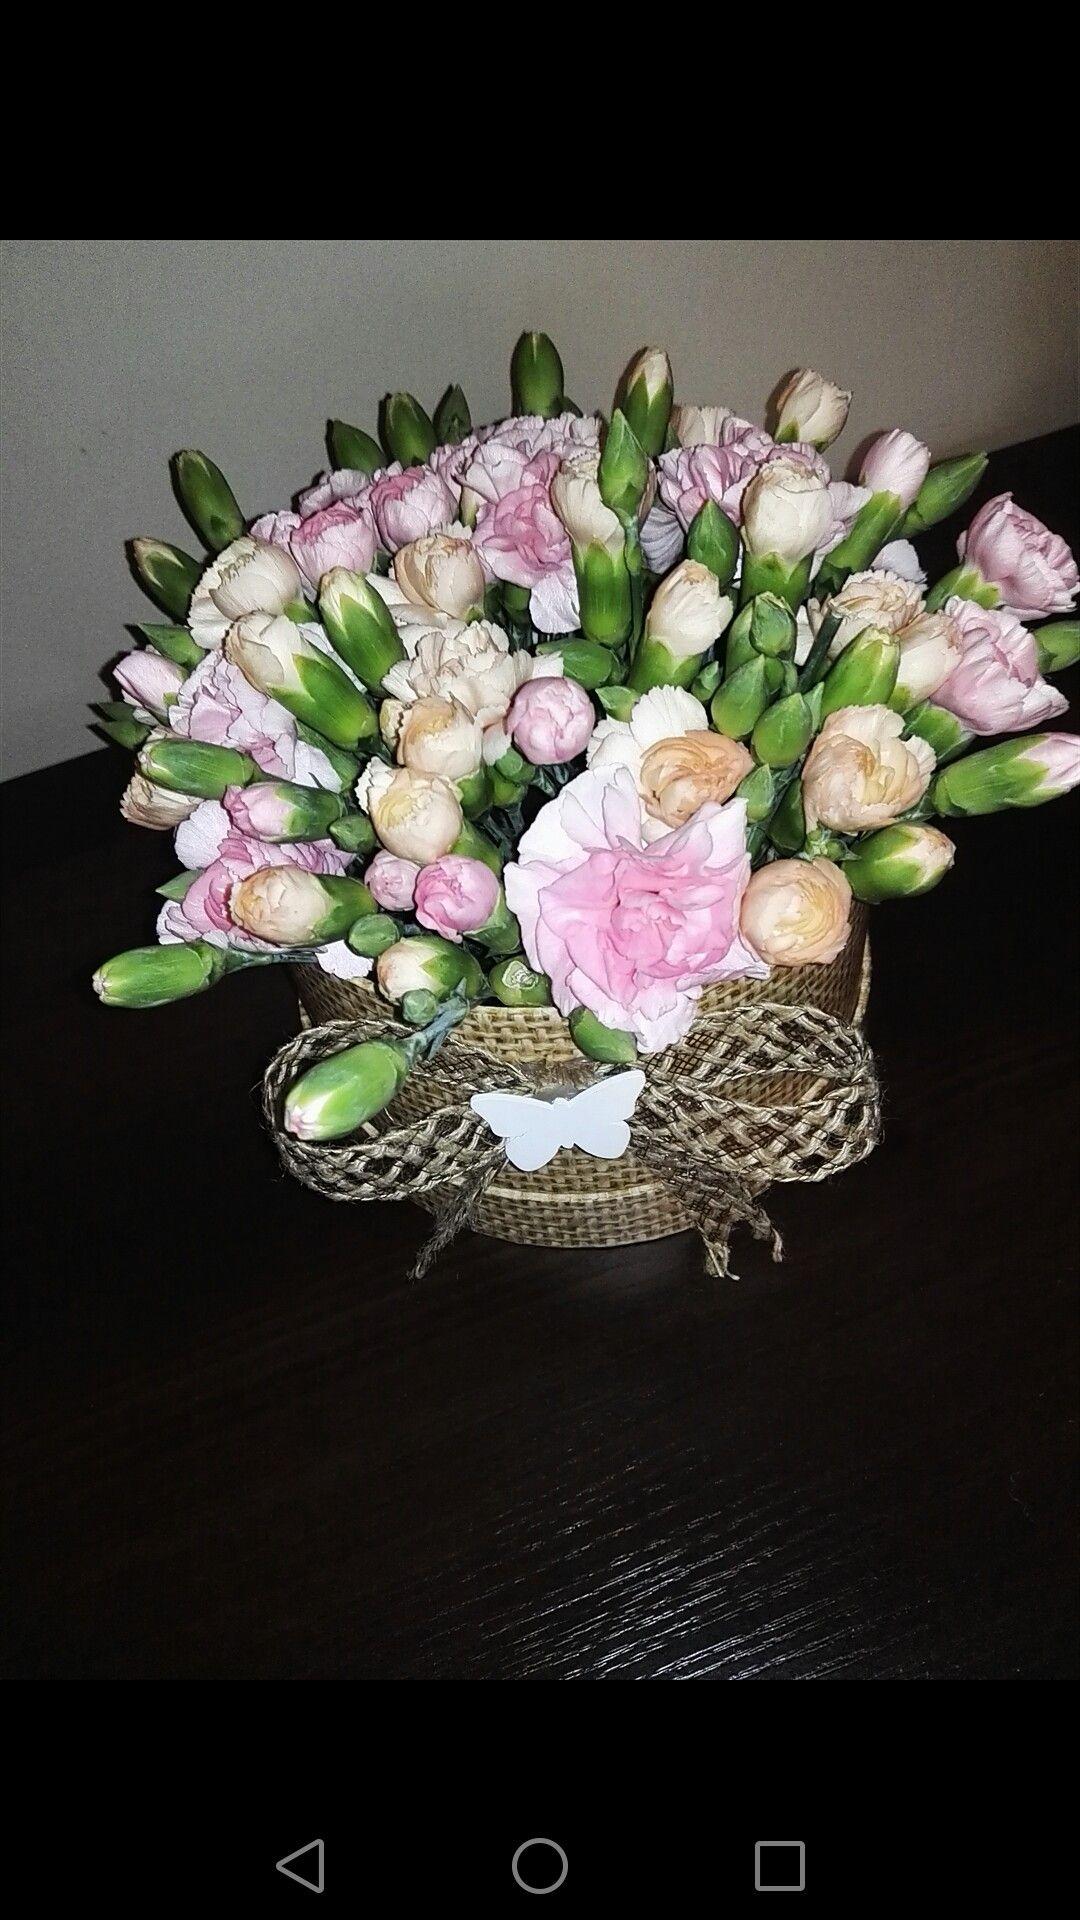 Home Made Flower Box Kwiaty W Pudelku Pomysl Na Bukiet Nowosc Homemade Flowerbox Kwiatywpudelku Pomysl Na Bukiet Nowosc Crown Jewelry Jewelry Crown